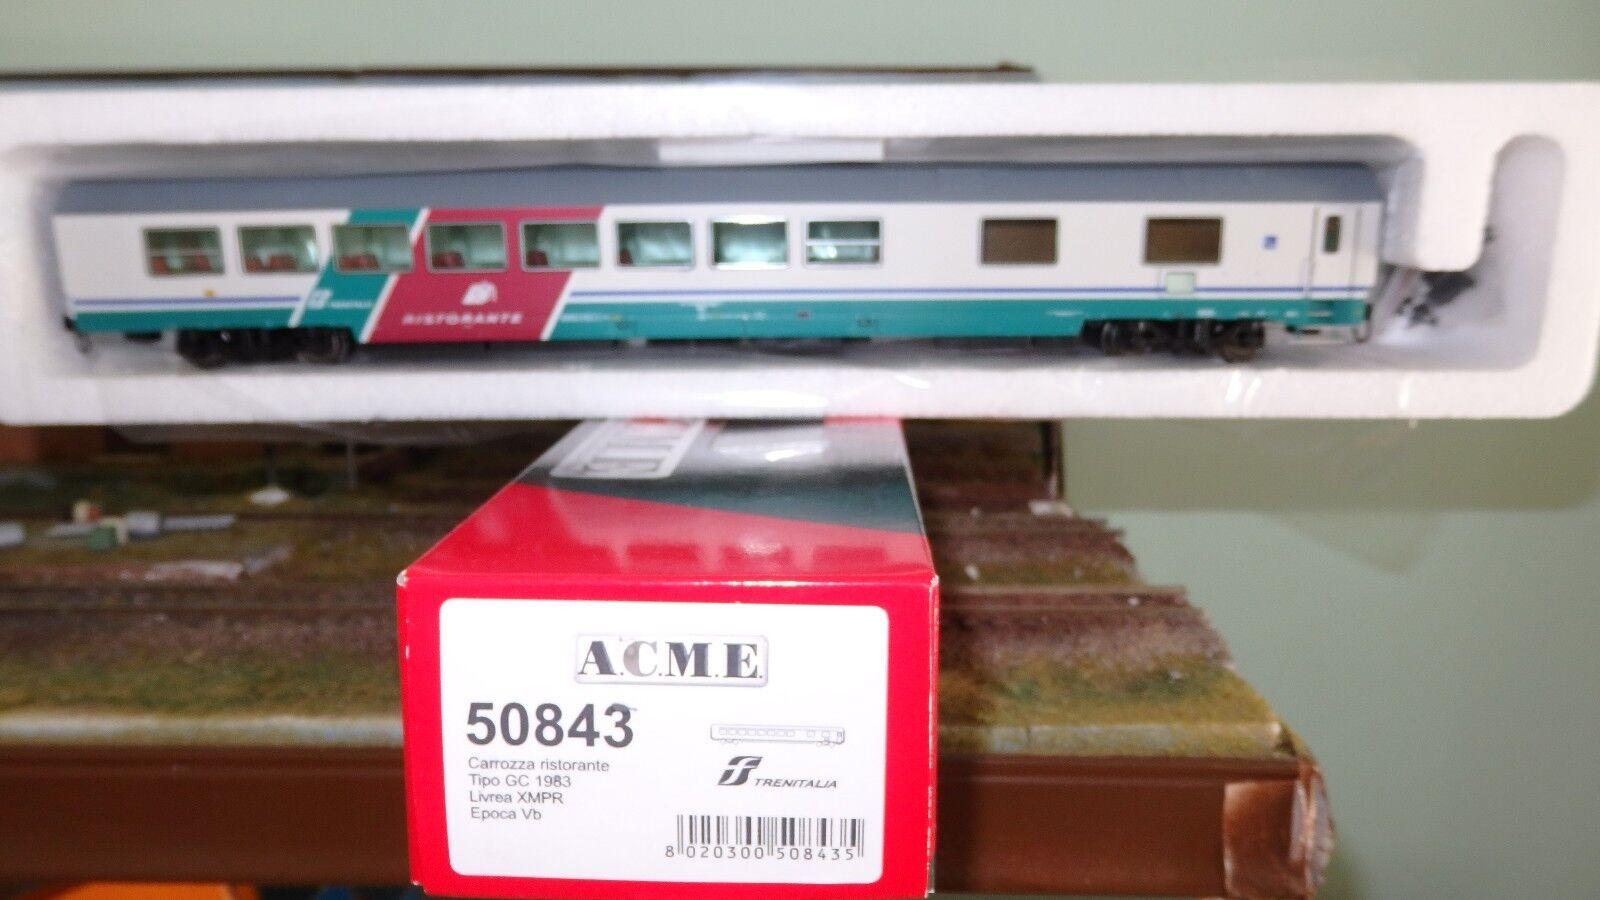 ACME 50843 RISTORANTE Gran Confort WR83 livrea e logo XMPR fascia rossa FS